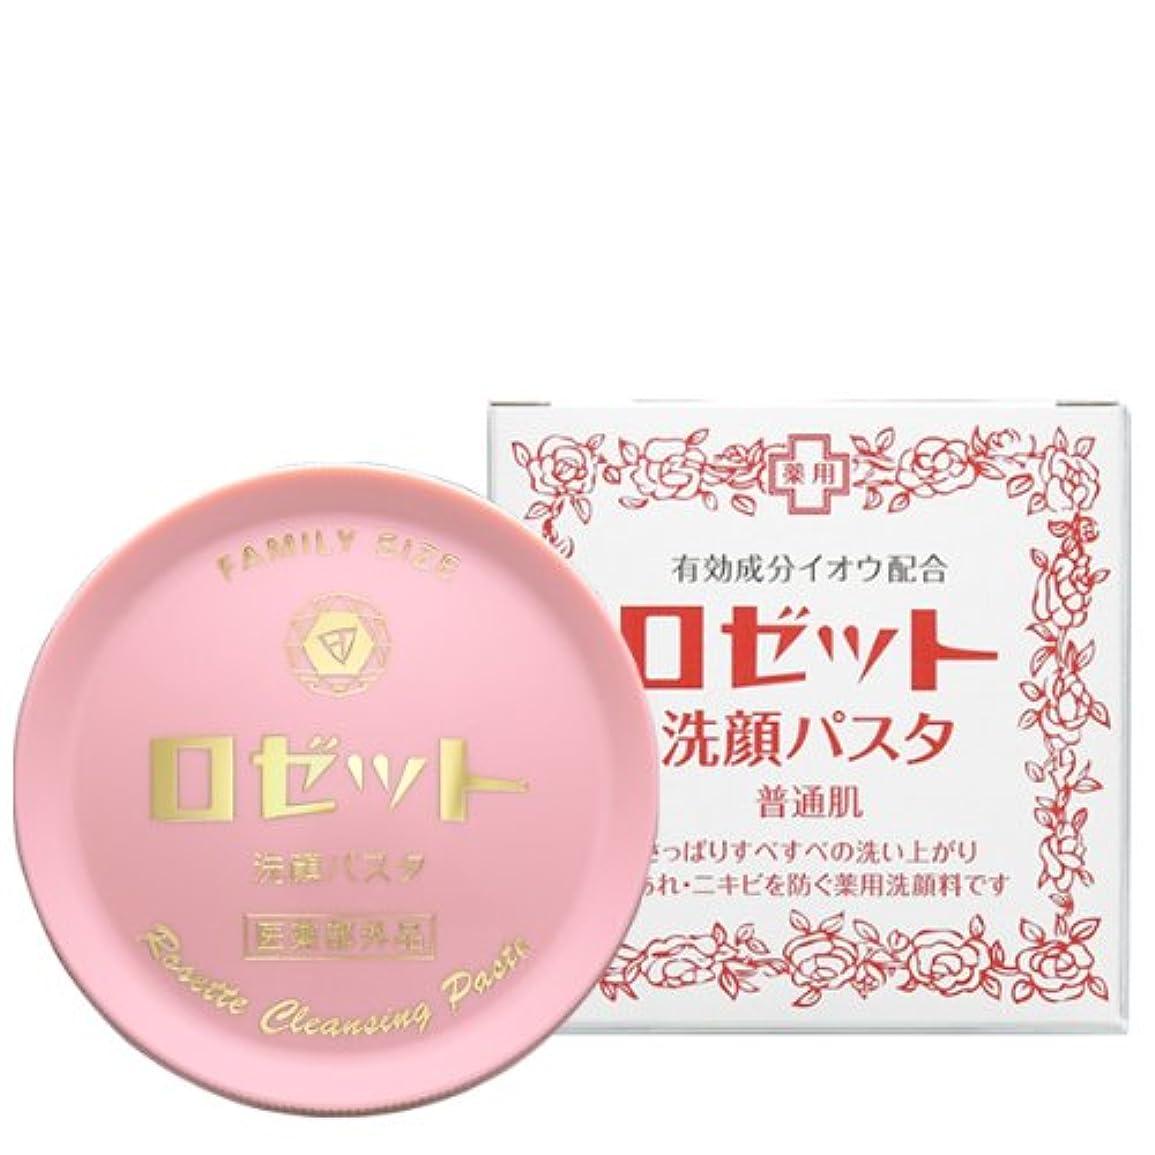 乳剤塊ここにロゼット 洗顔パスタ 普通肌 90g (医薬部外品)